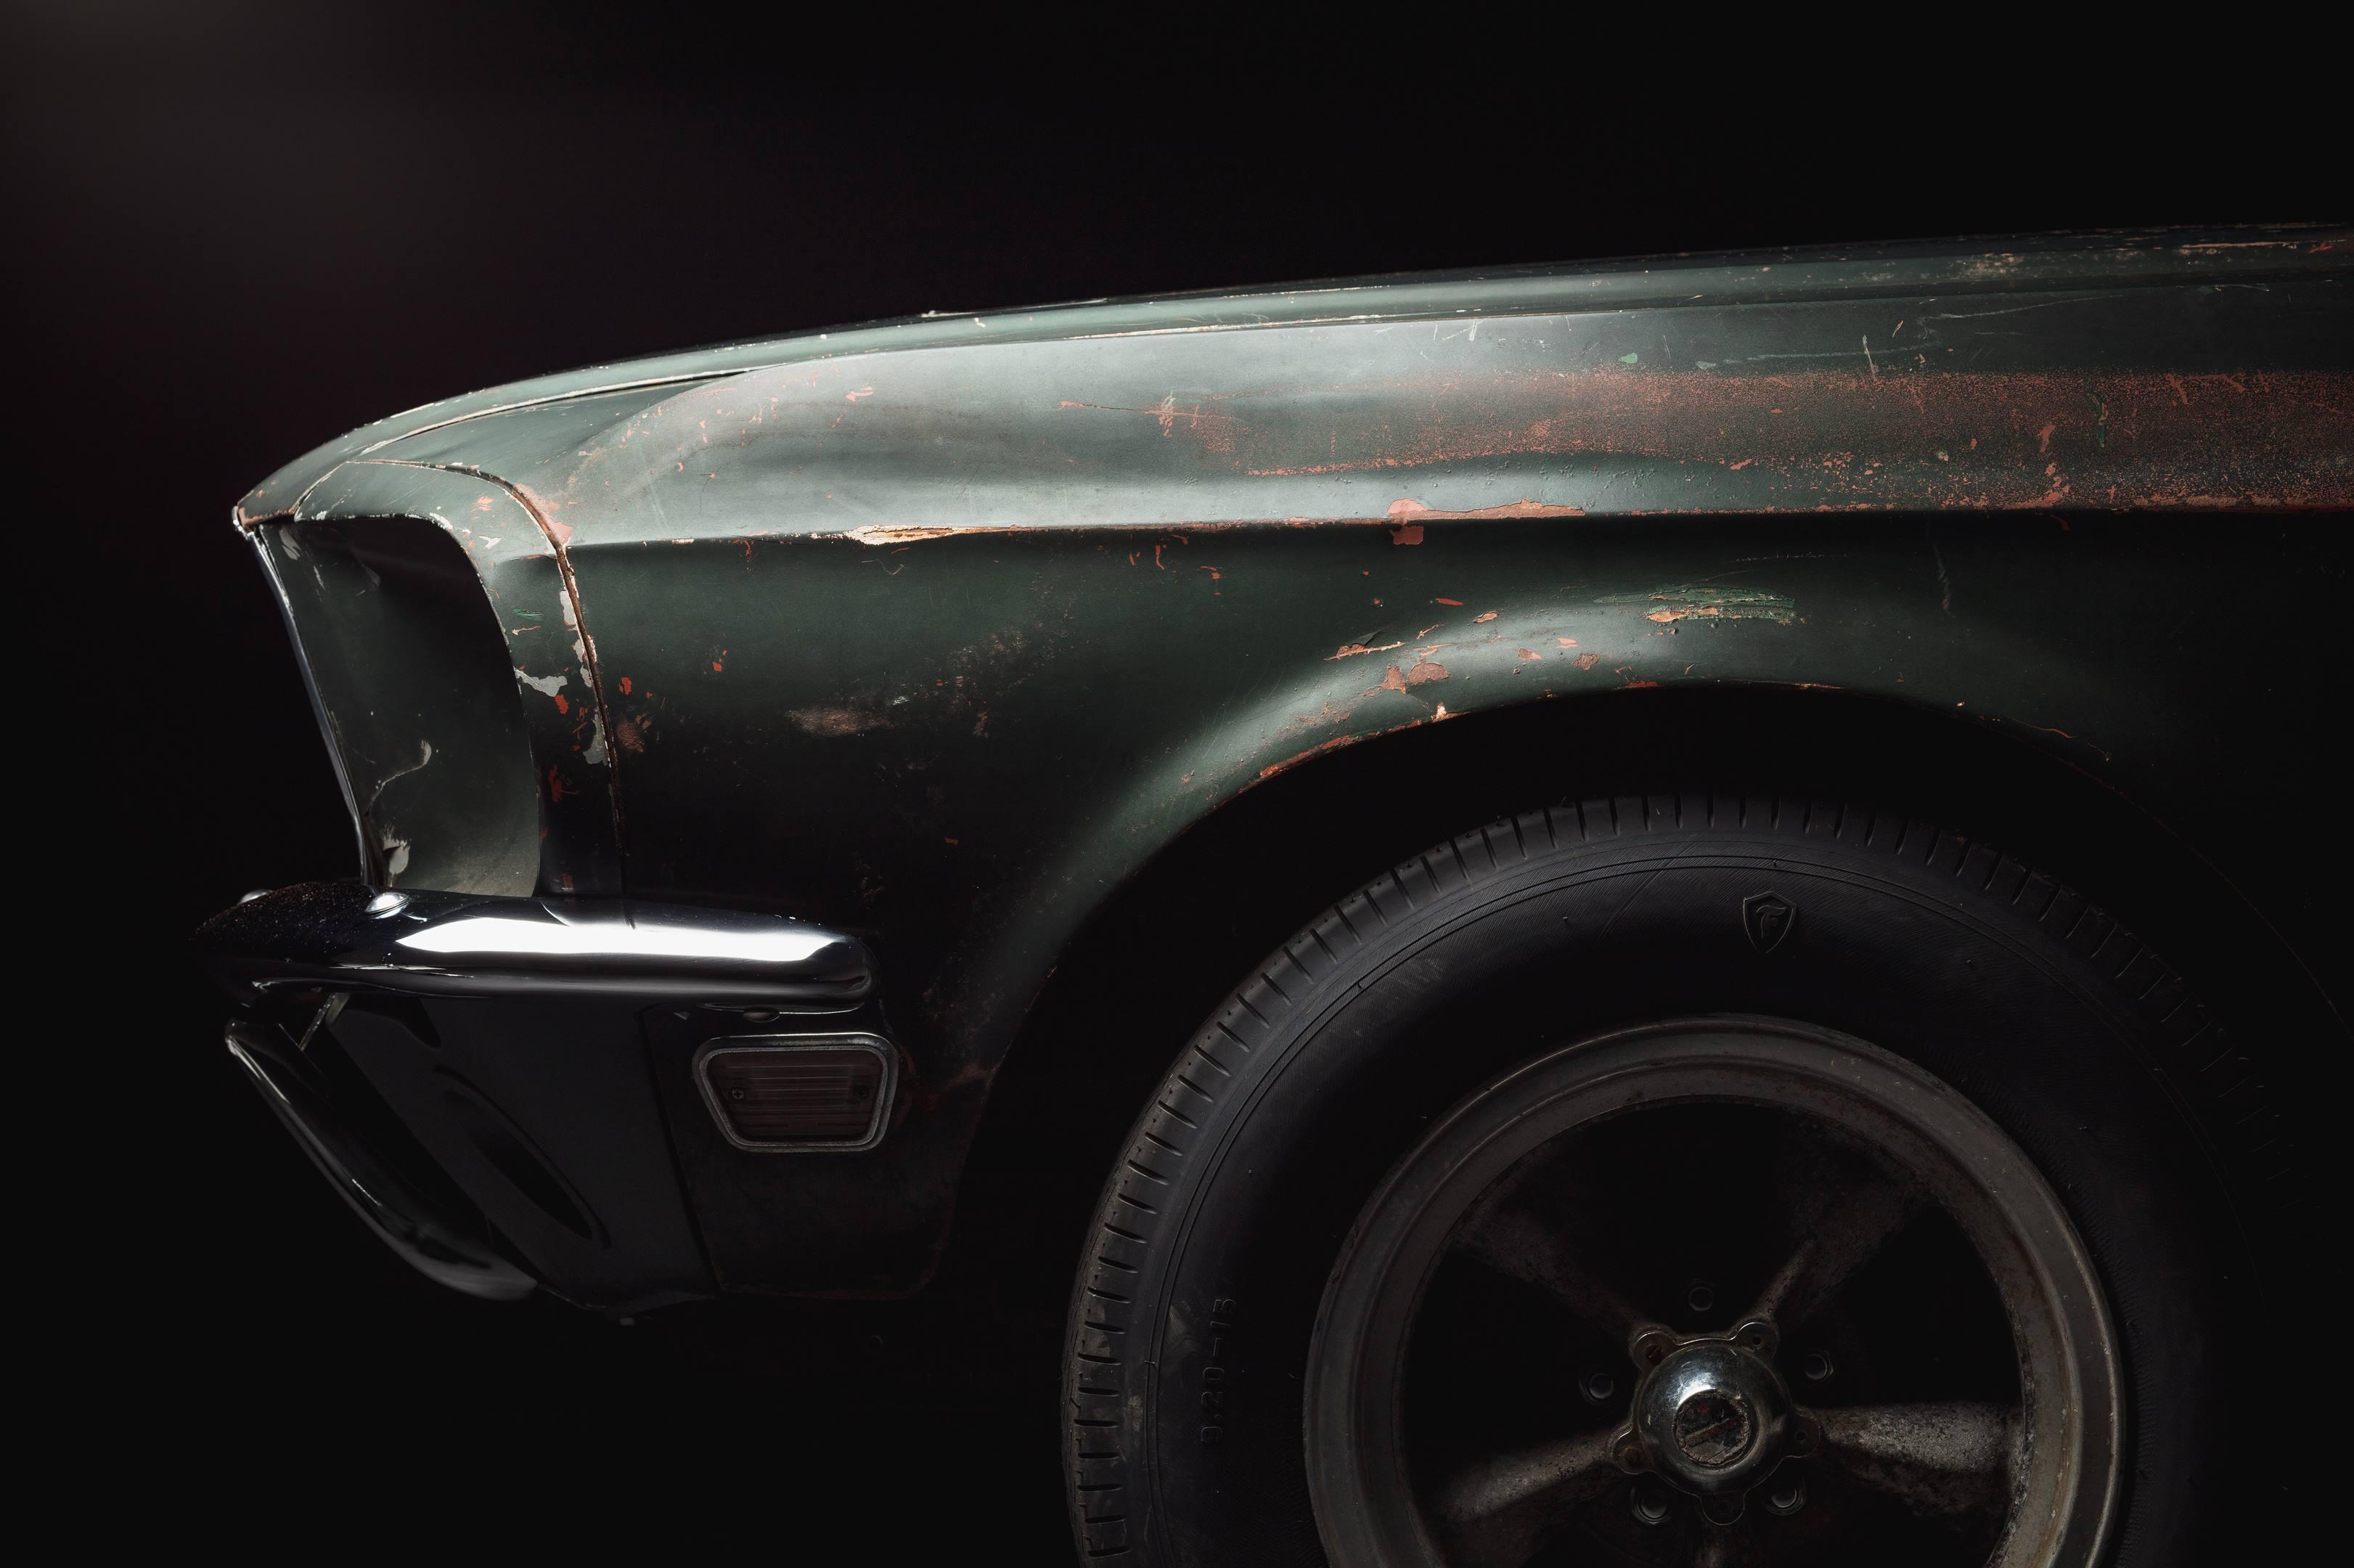 Bullitt Mustang front quarter panel detail